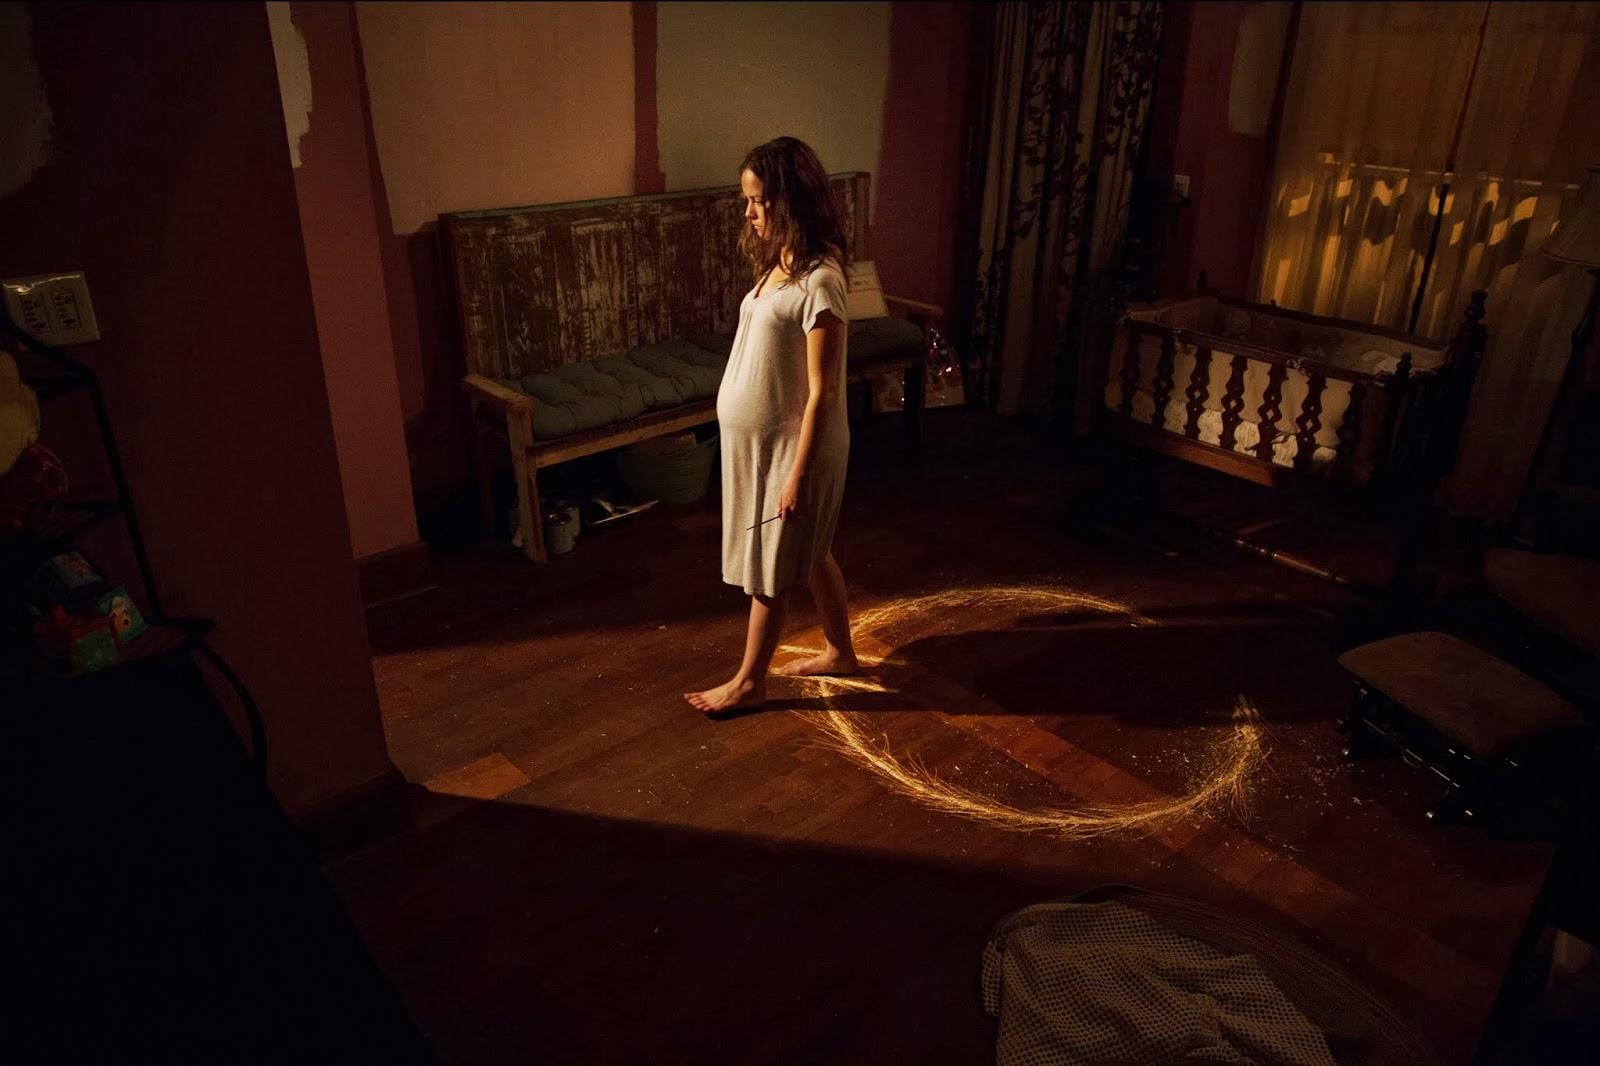 Herdeiro Do Diabo inside filmes e séries - terror planet: fotos do filme: o herdeiro do diabo